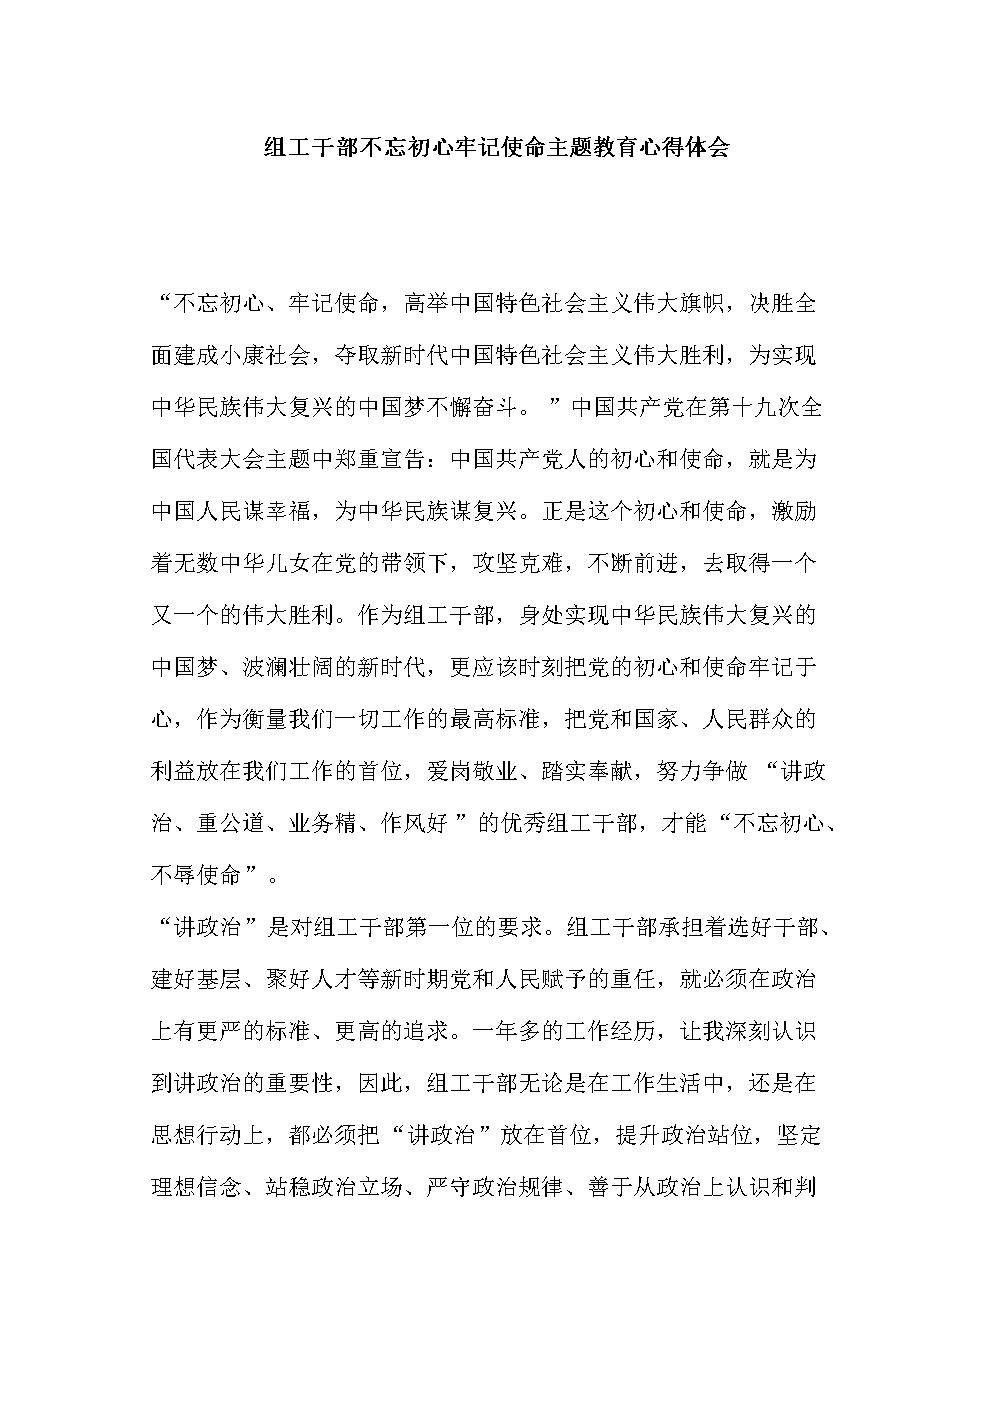 组工干部不忘初心牢记使命主题教育心得体会.docx